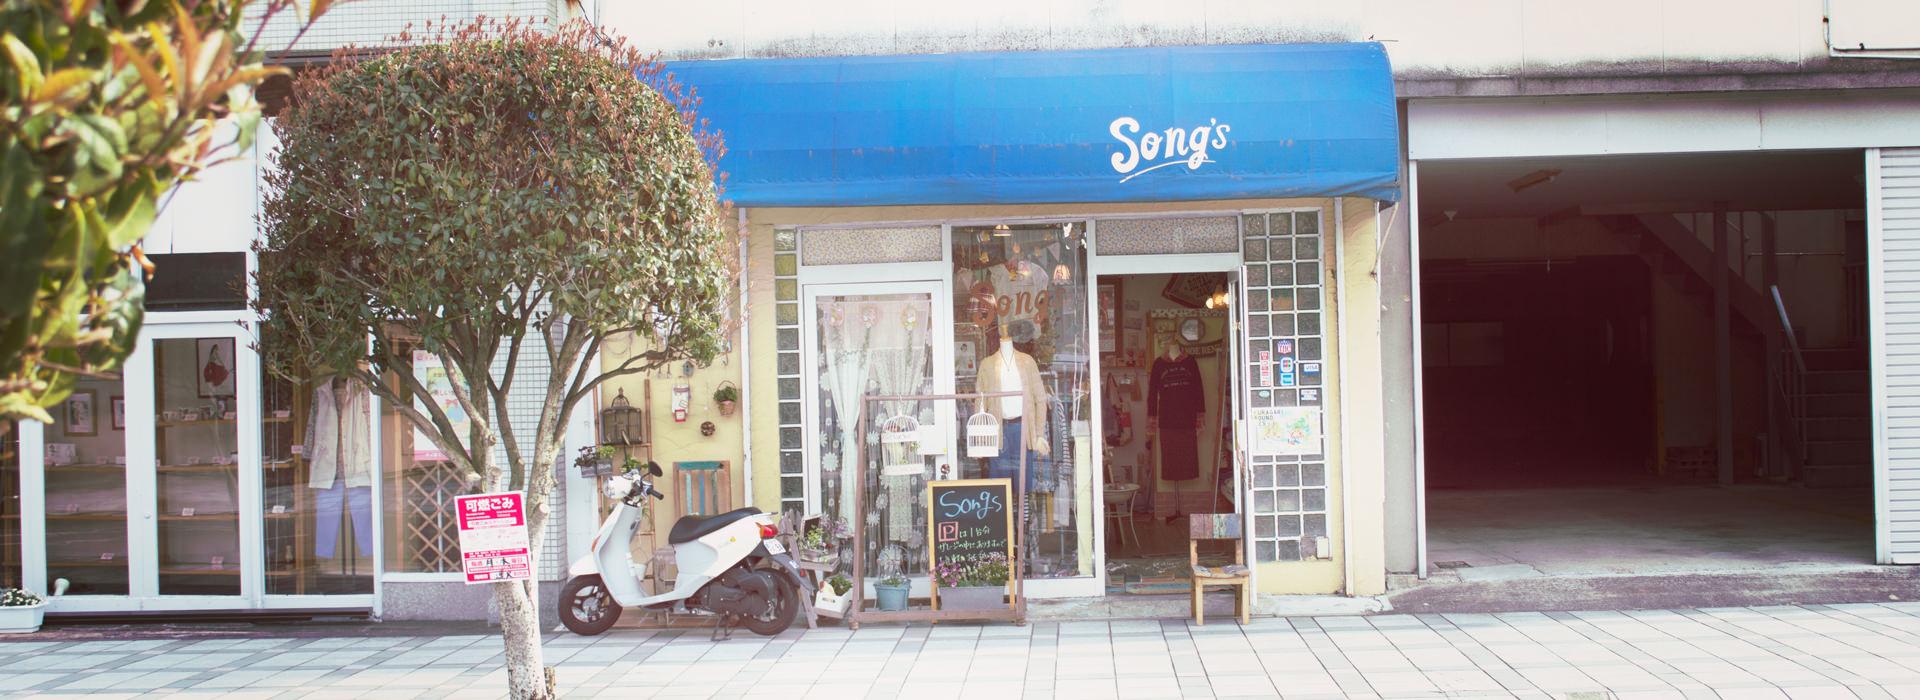 Songs 岡崎